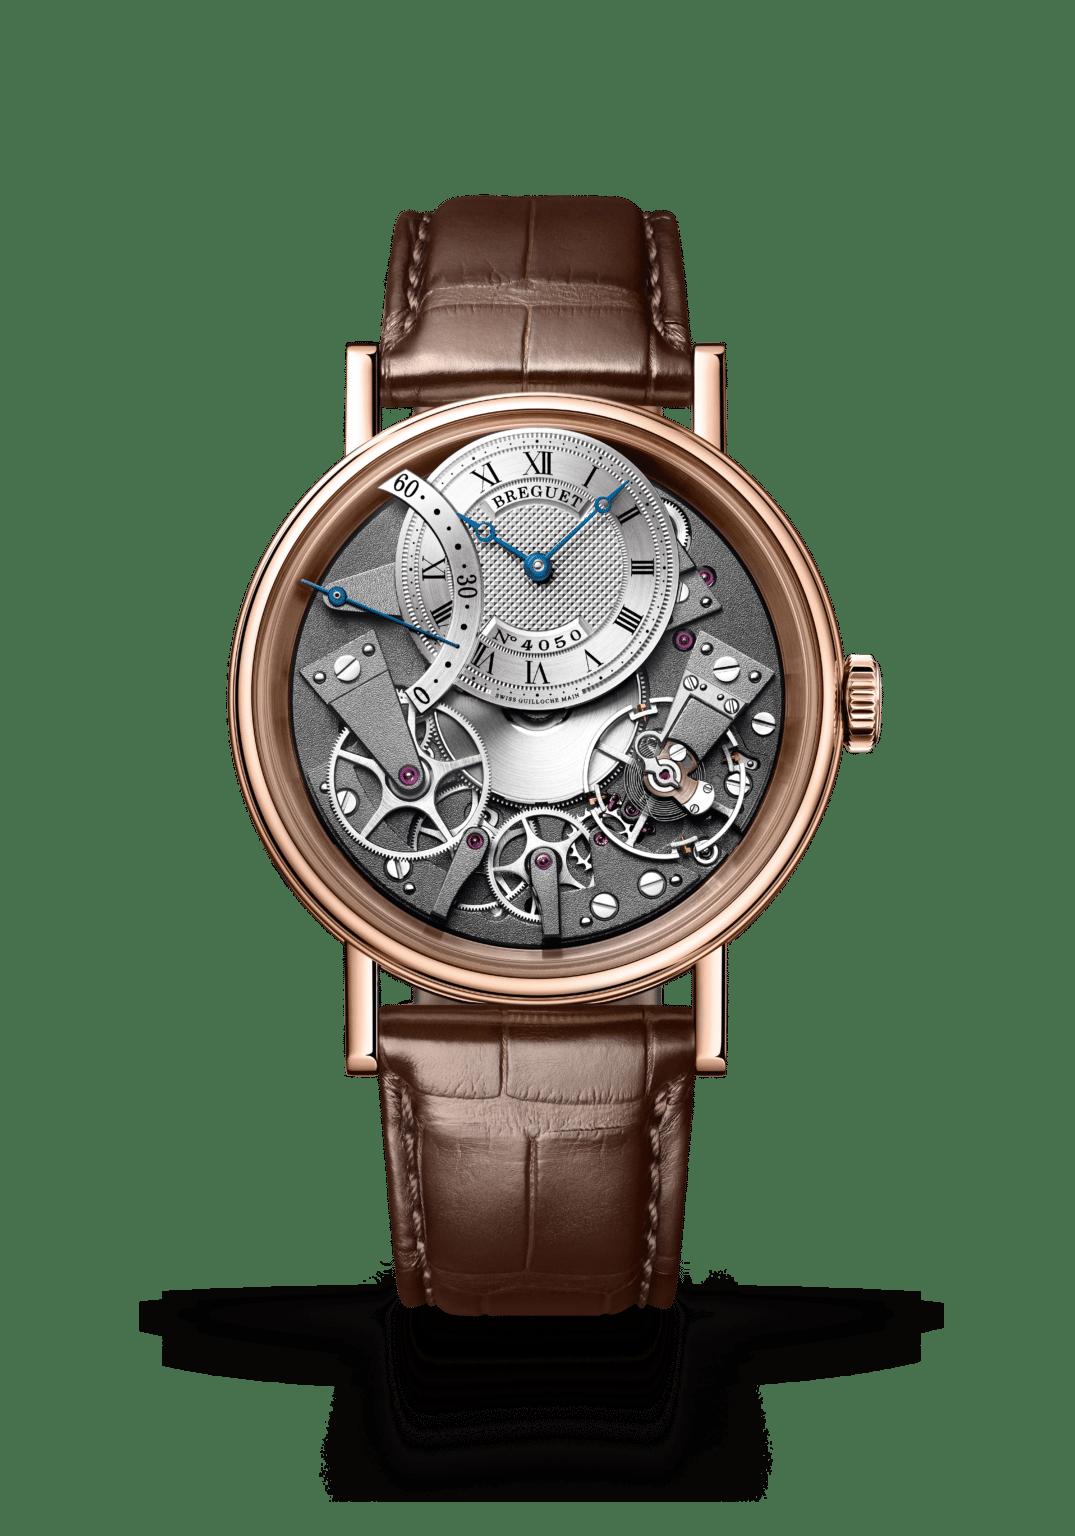 Breguet – Tradition – Retrograde - Wagner Bijouterie Uhren